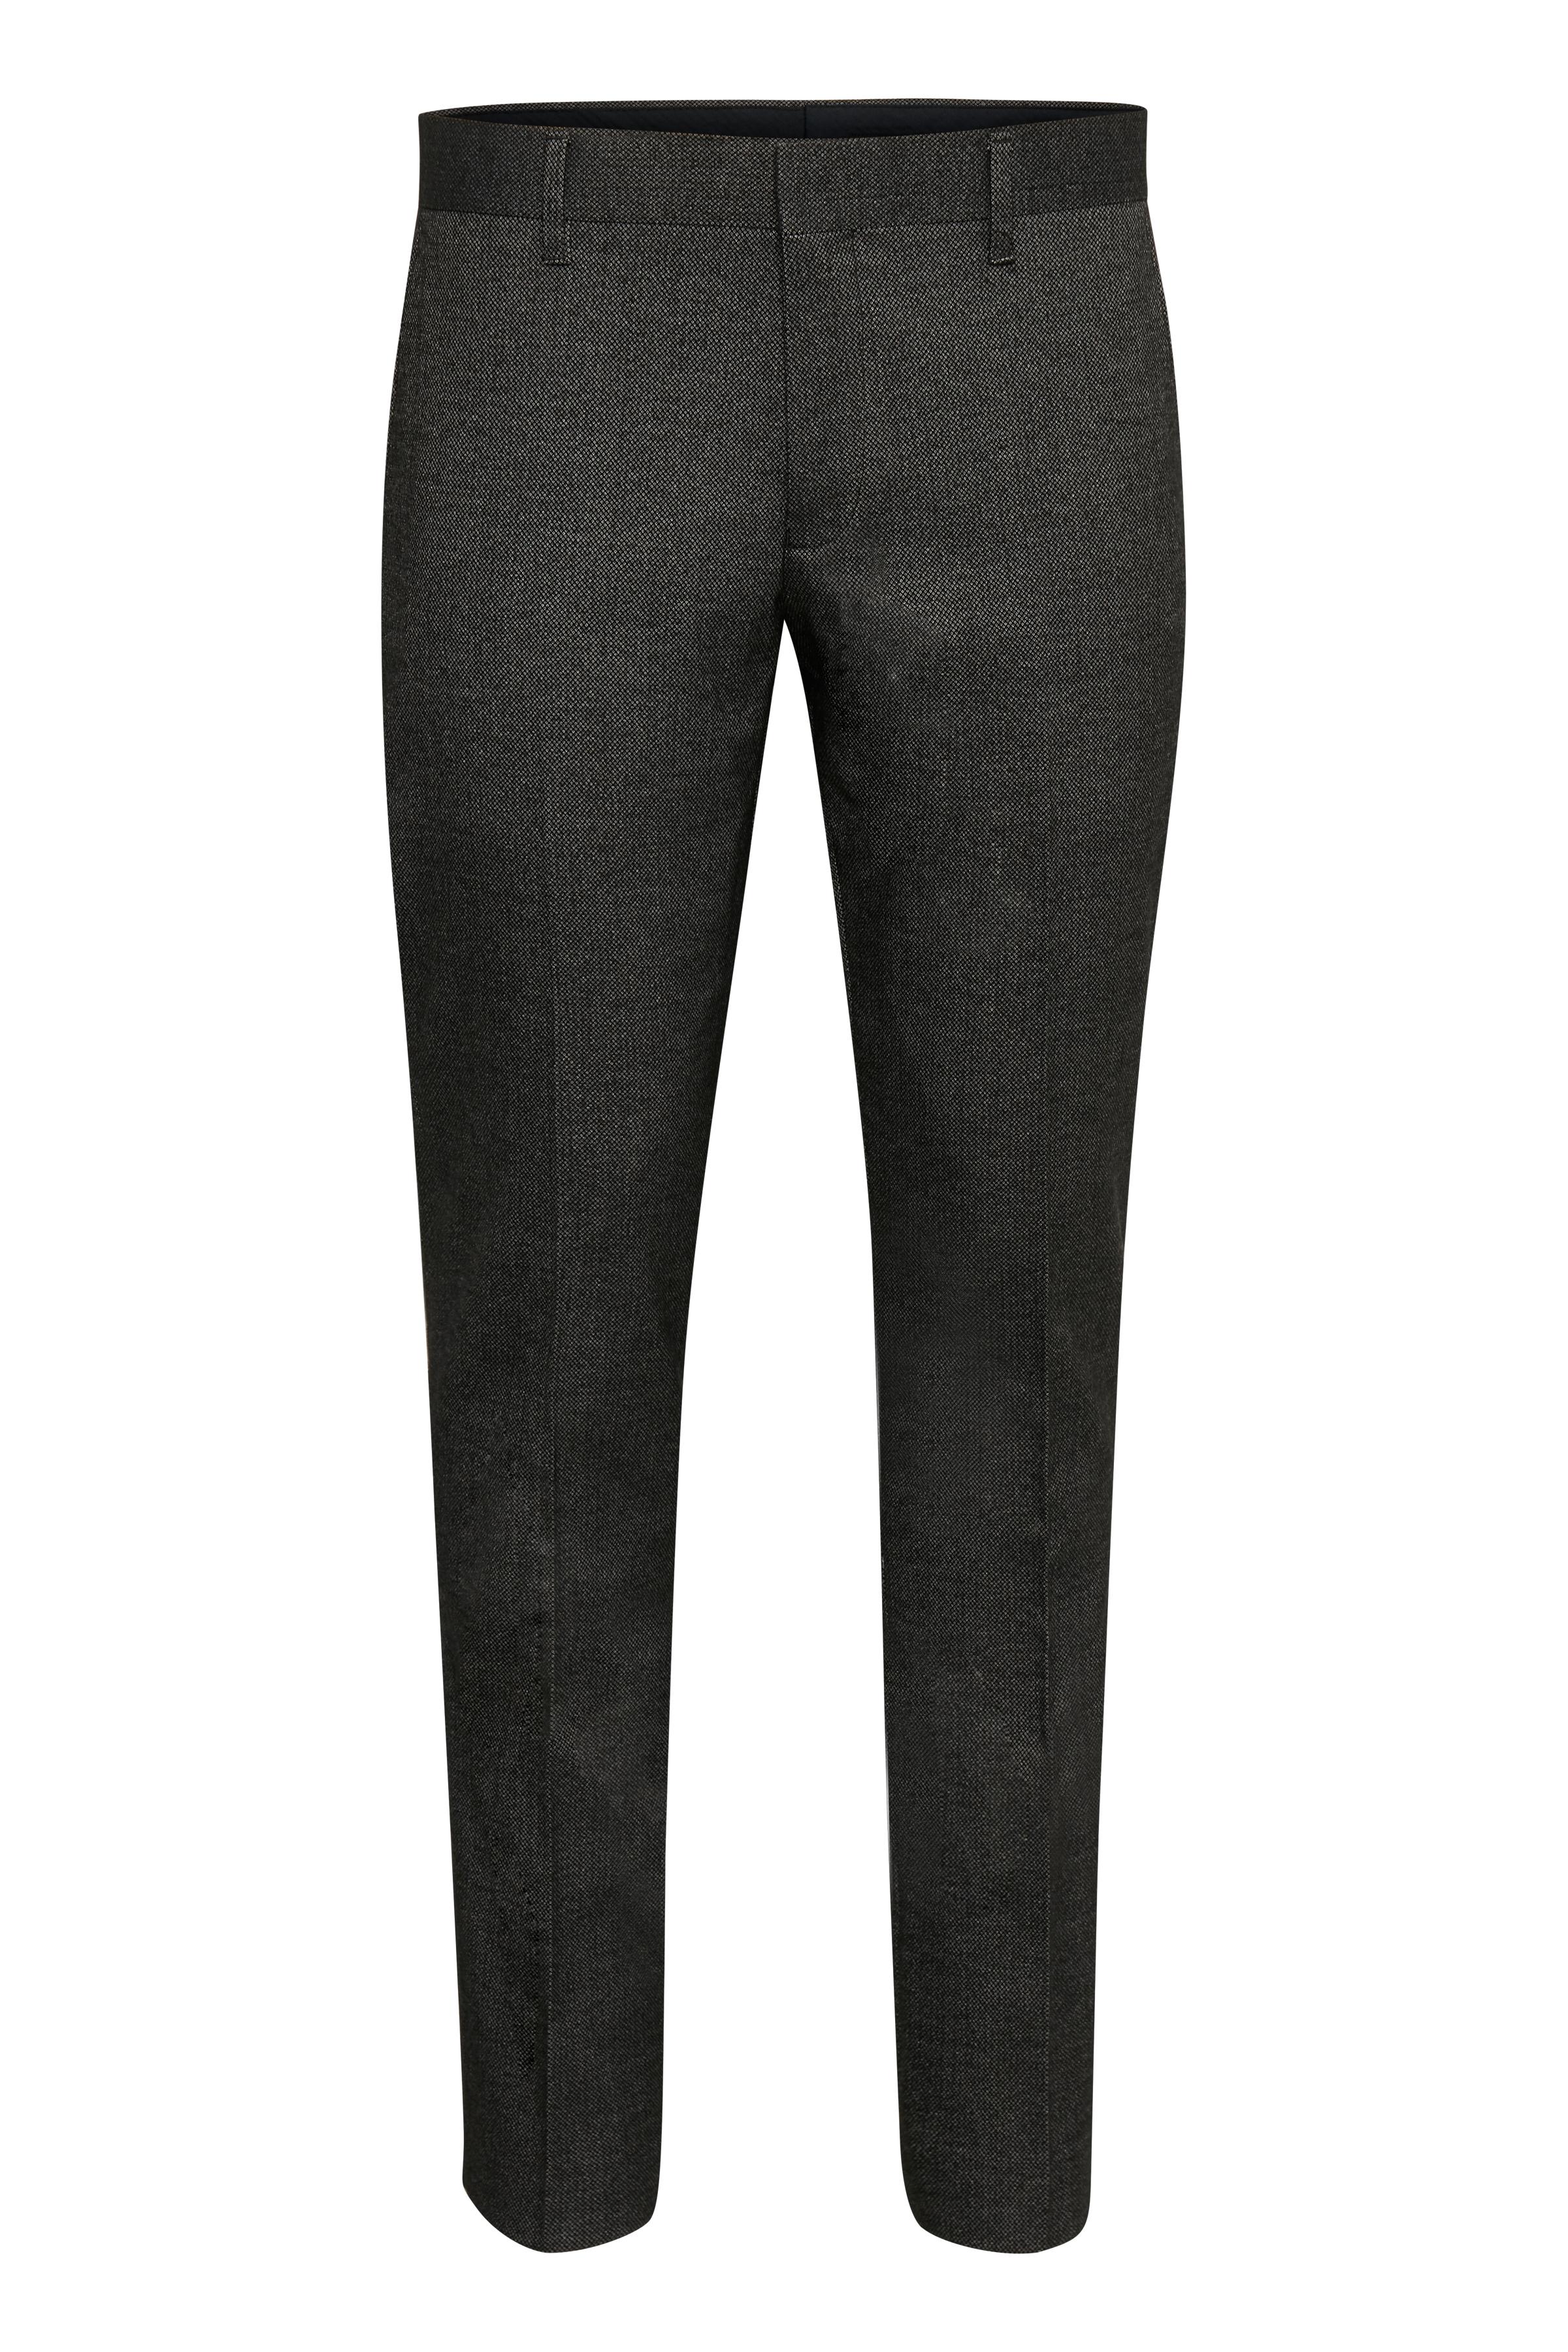 Drk Grey Melange Las Bukser – Køb Drk Grey Melange Las Bukser fra str. 44-54 her